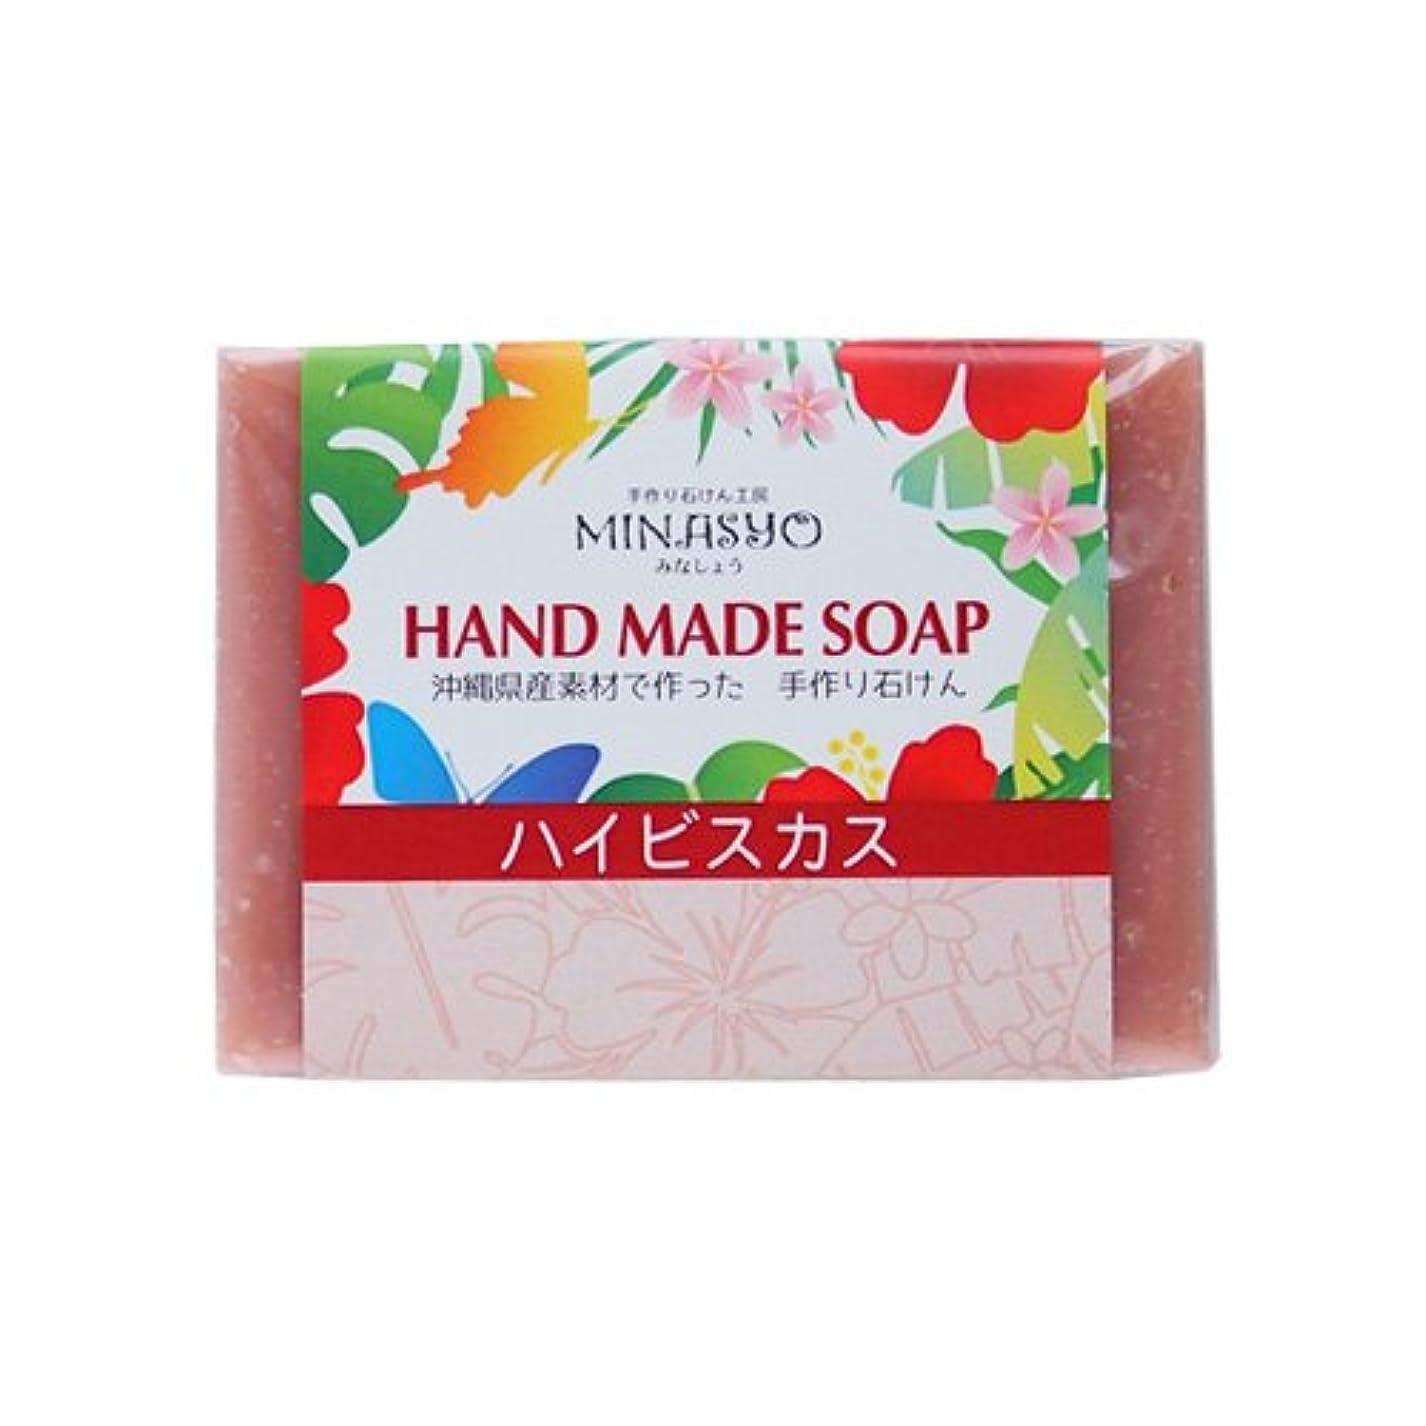 いつか豆母性ピンククレイ 洗顔石鹸 無添加 固形 毛穴ケア 手作りローゼル石鹸